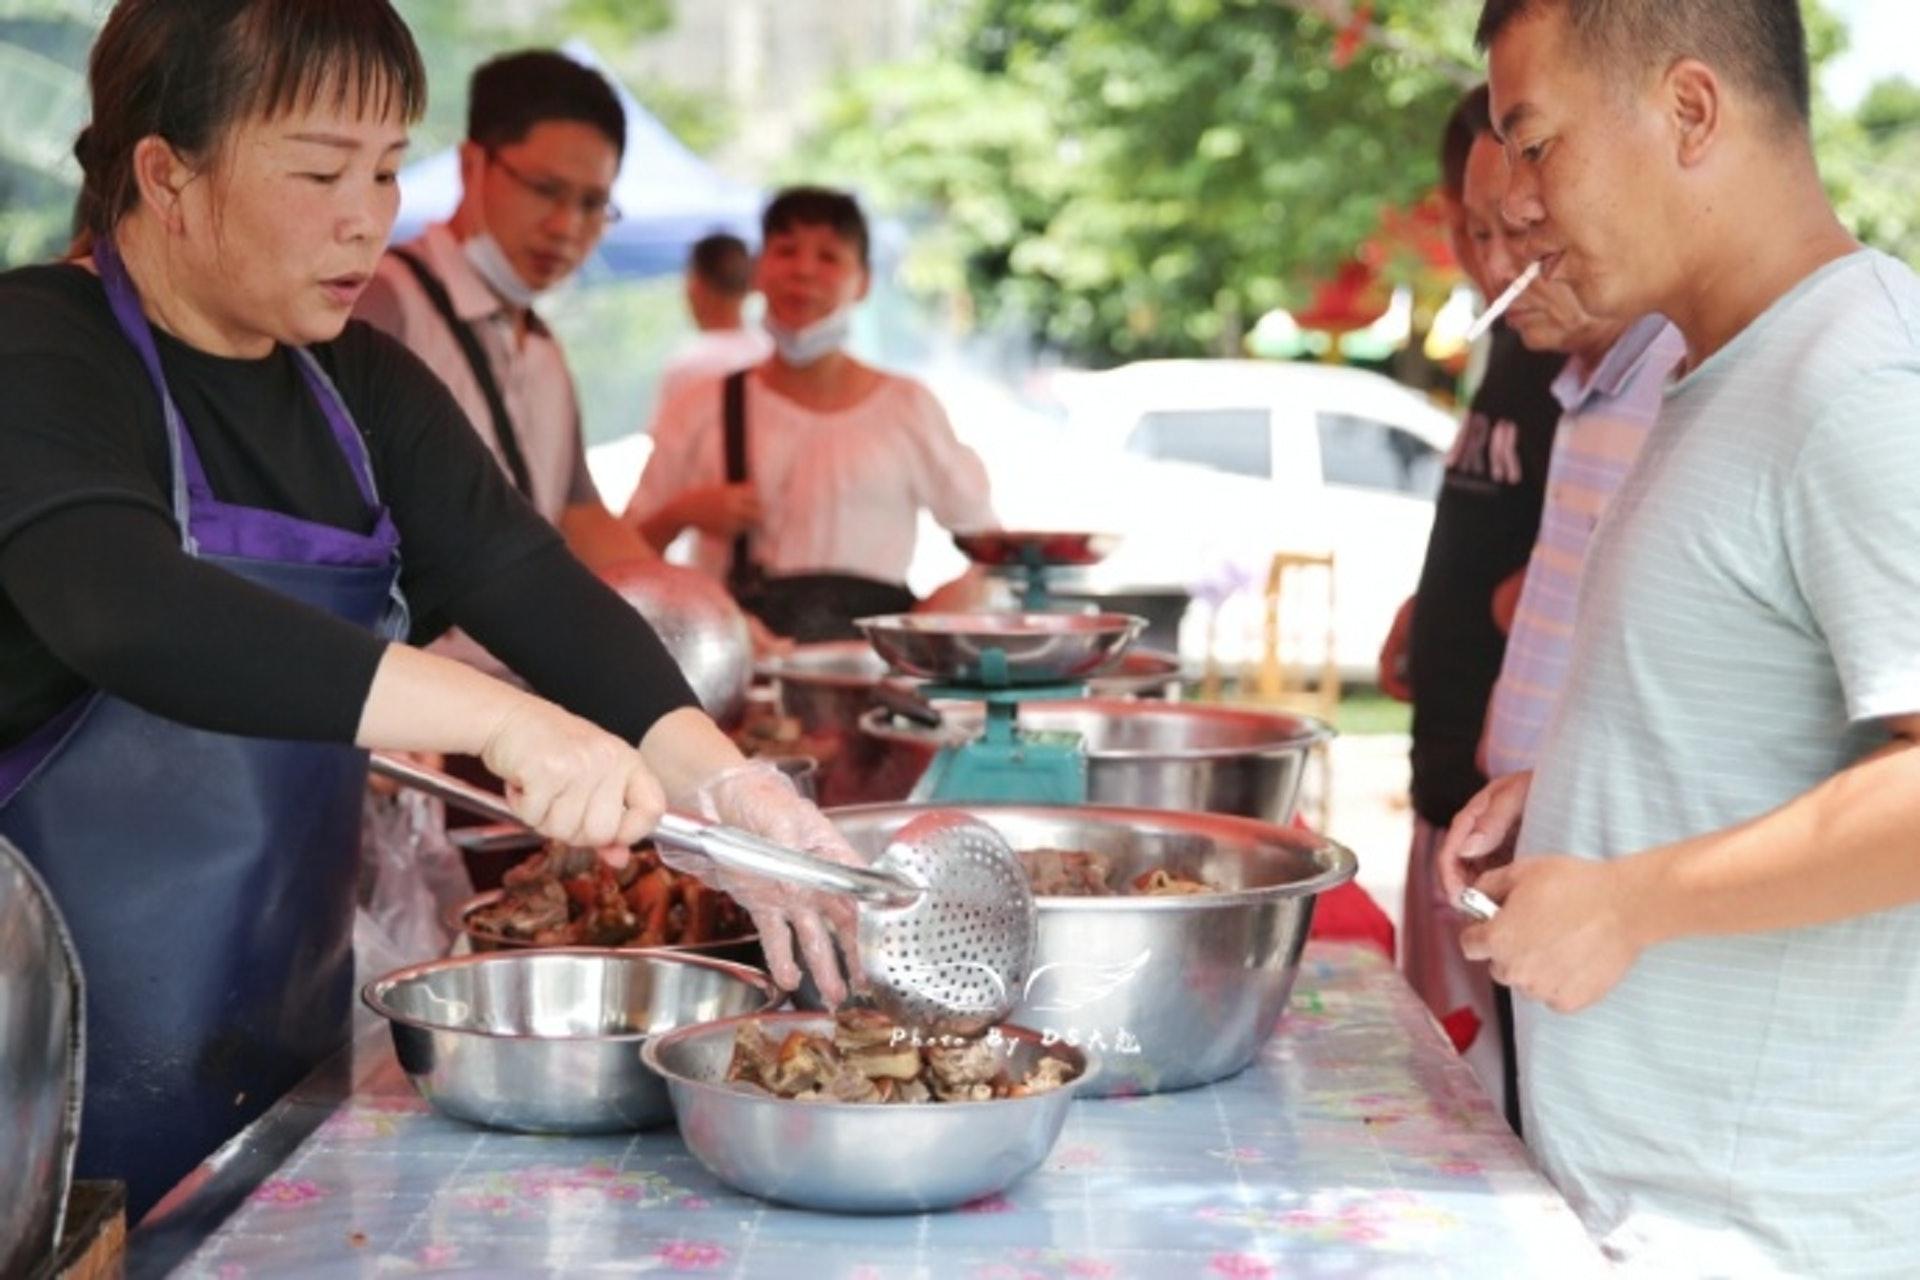 天氣酷熱,就連食客也把口罩拉了下來,但這對防疫來說很不利。(微博)